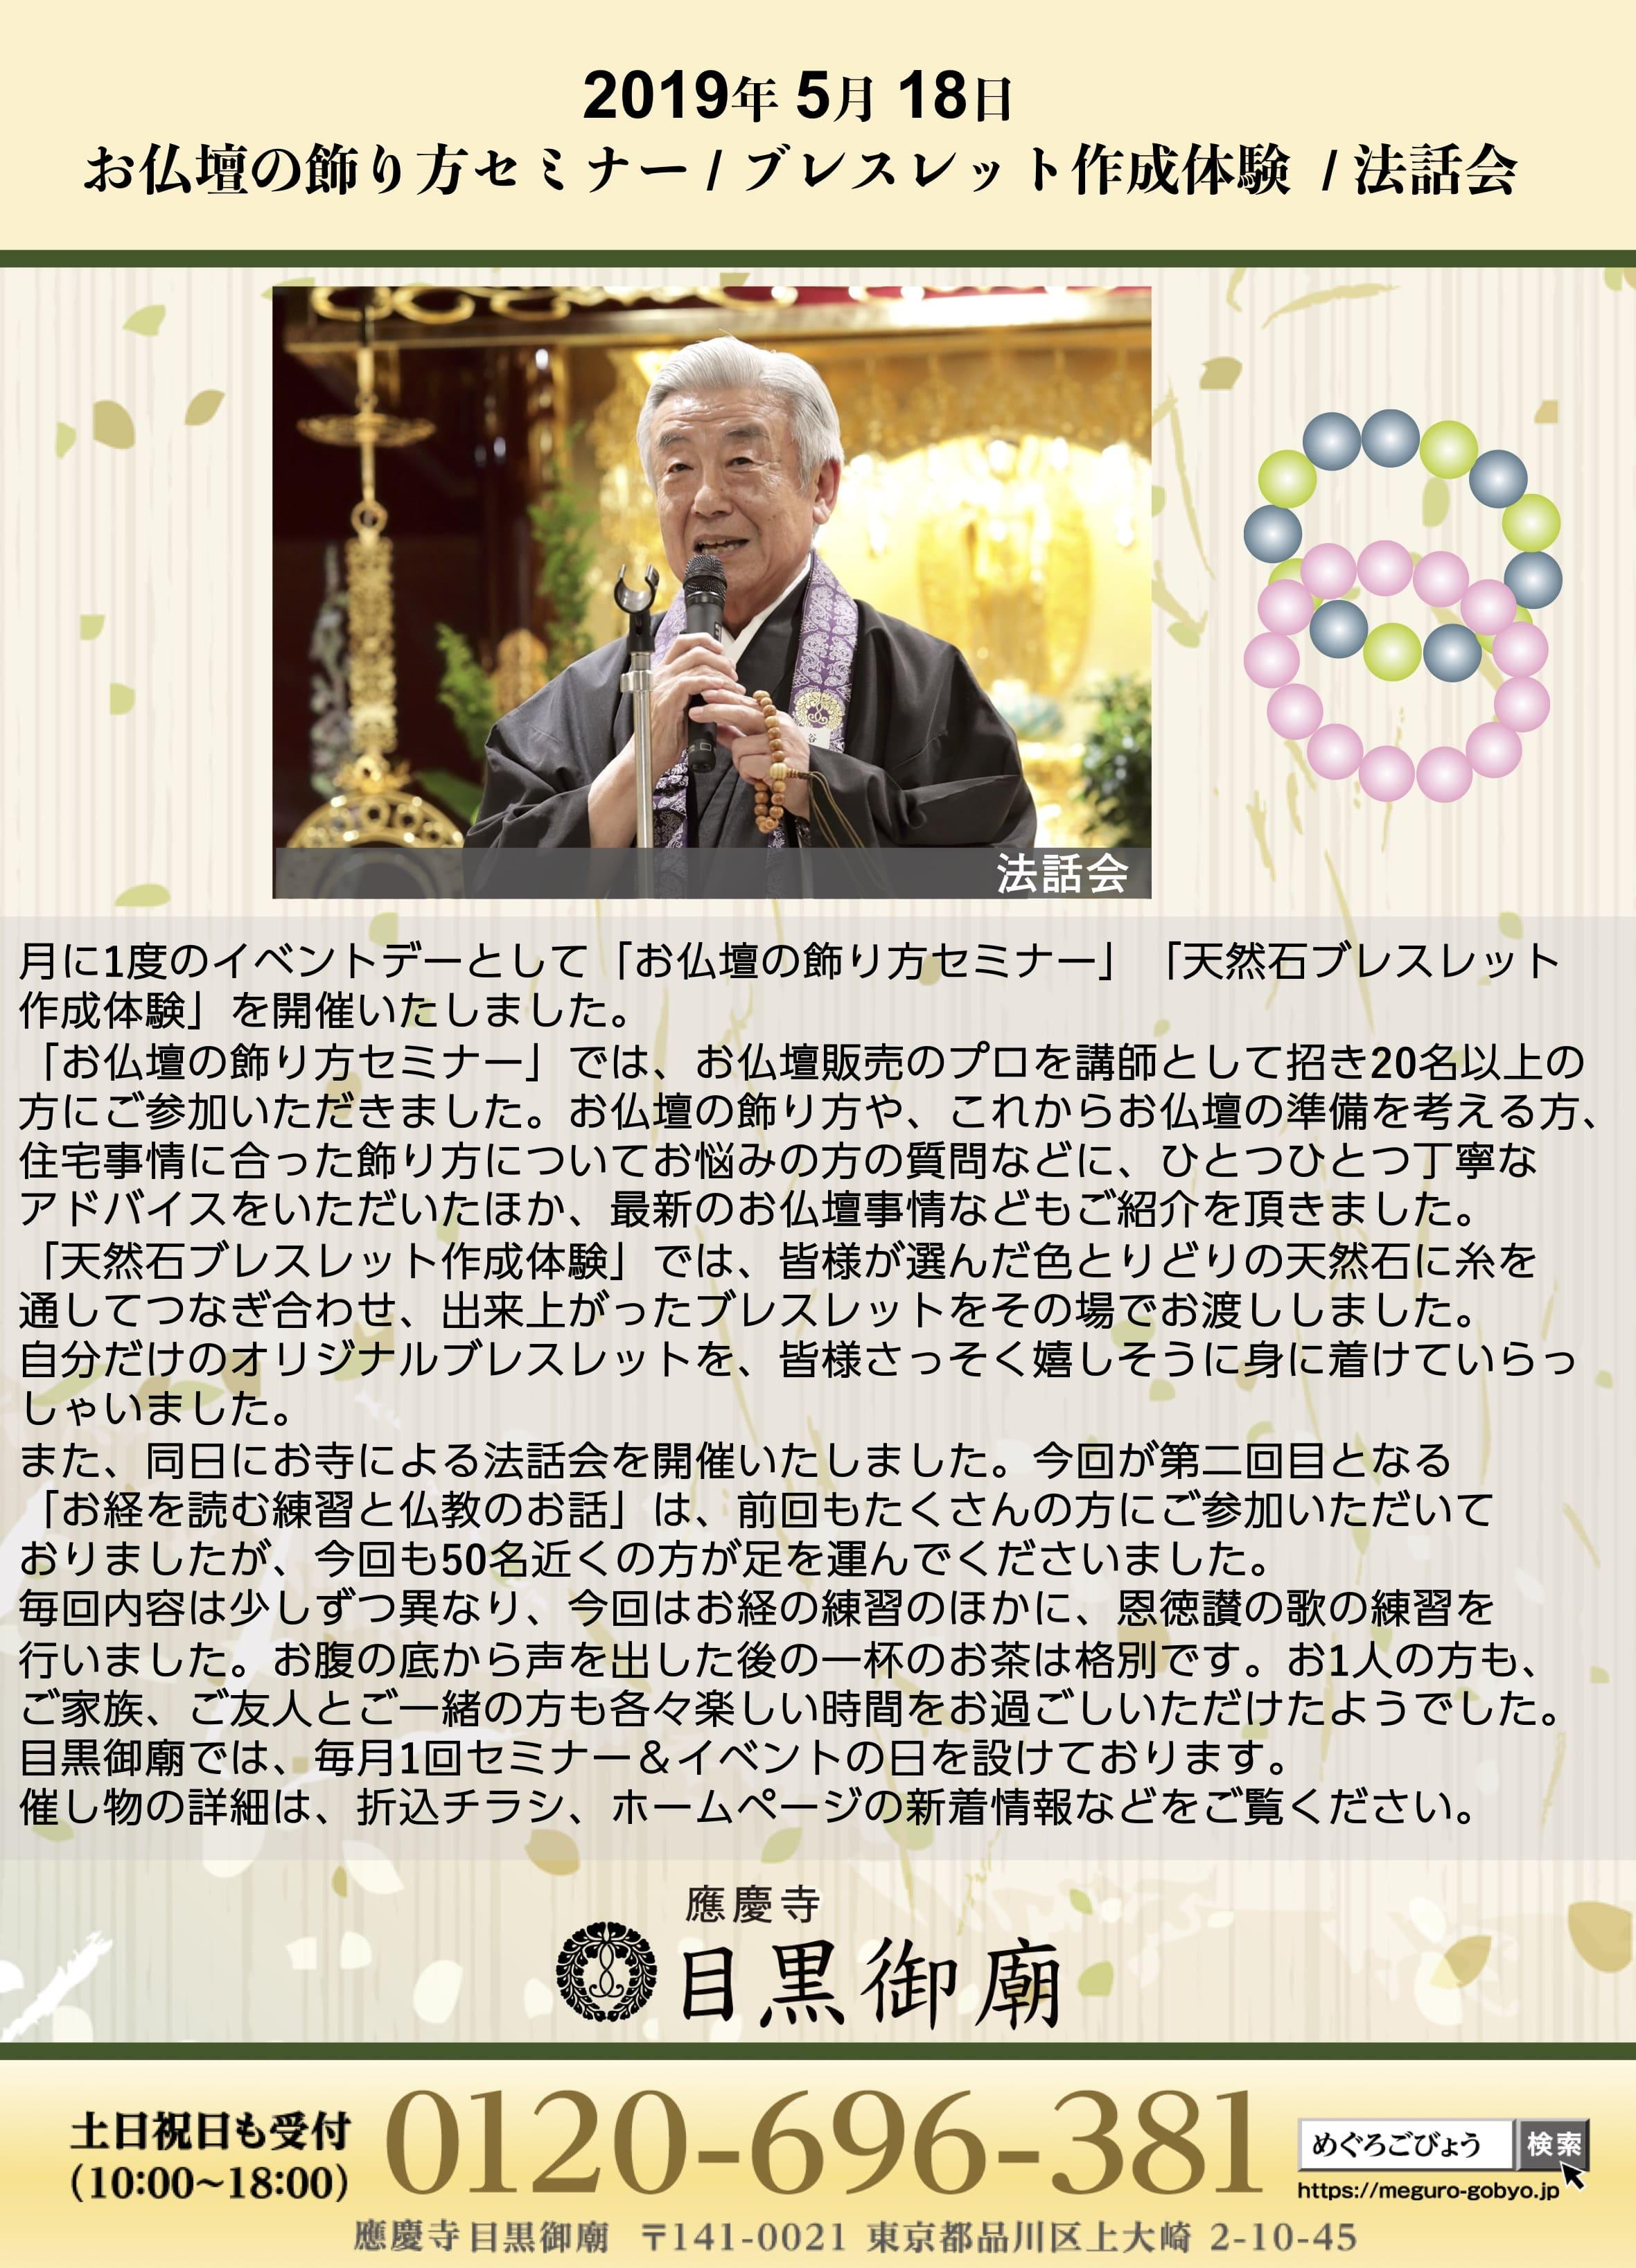 2019年5月 行事報告 お仏壇セミナー